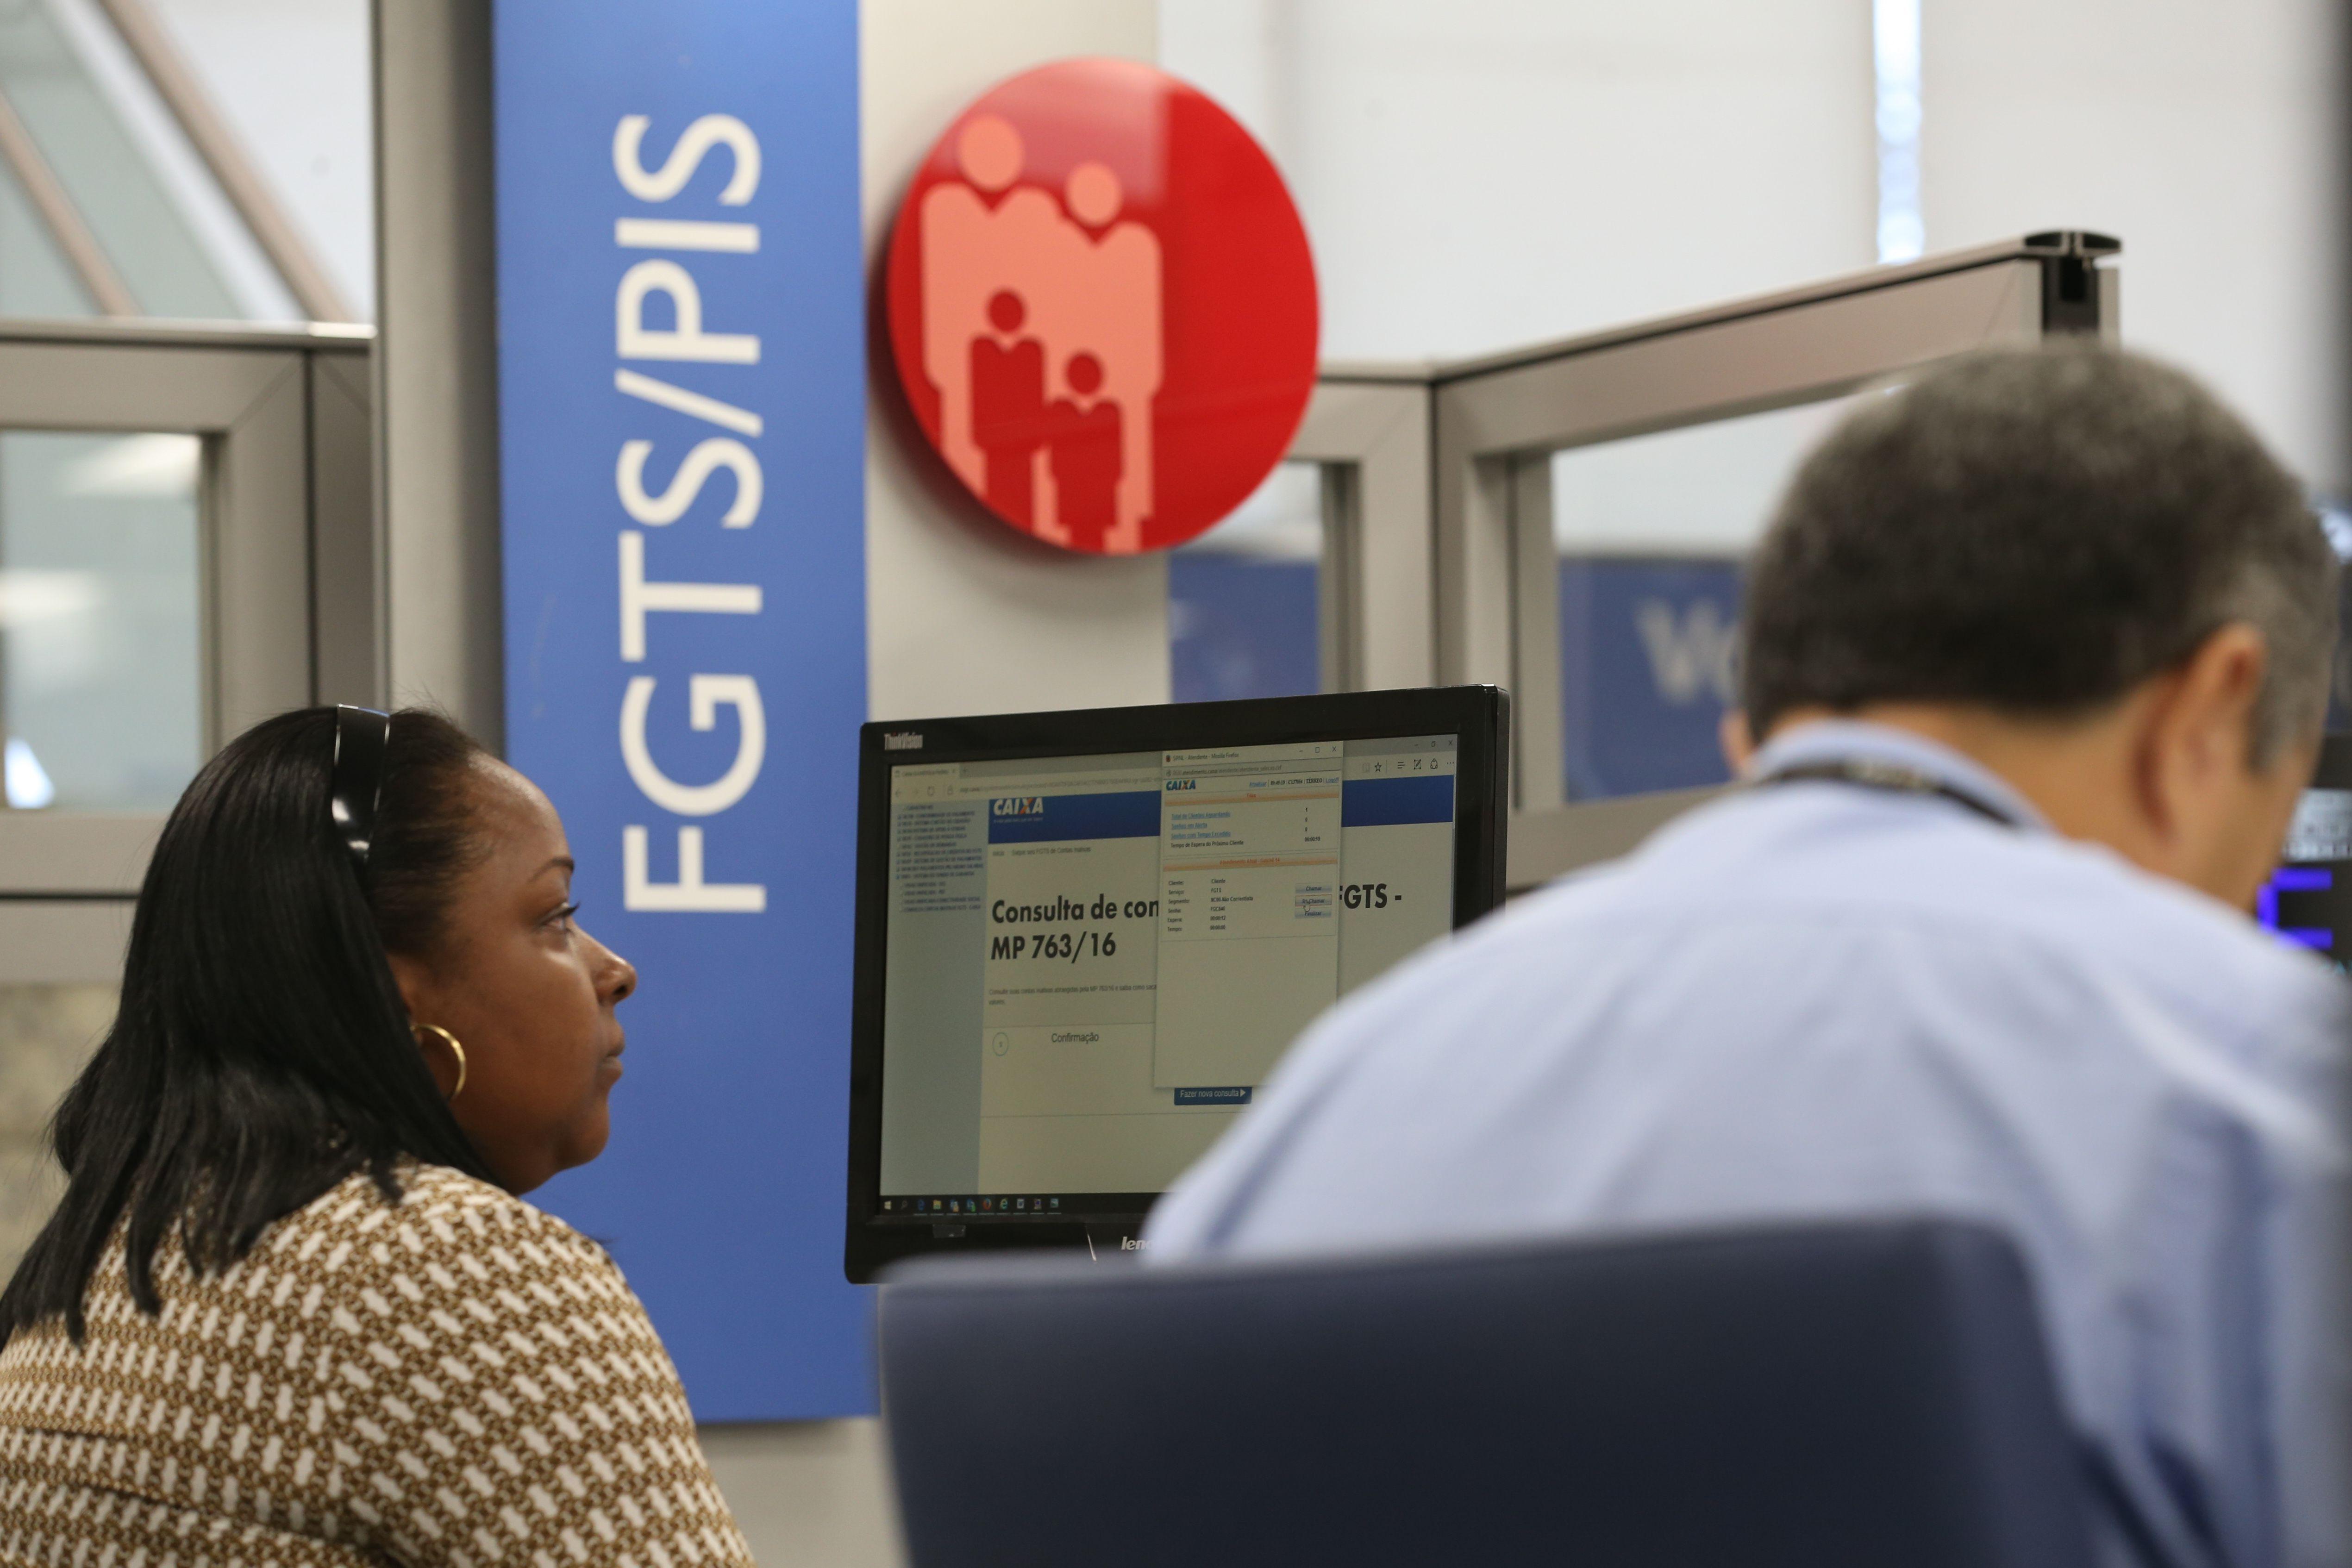 Trabalho - geral - FGTS contas inativas Caixa Econômica Federal trabalhador saldo